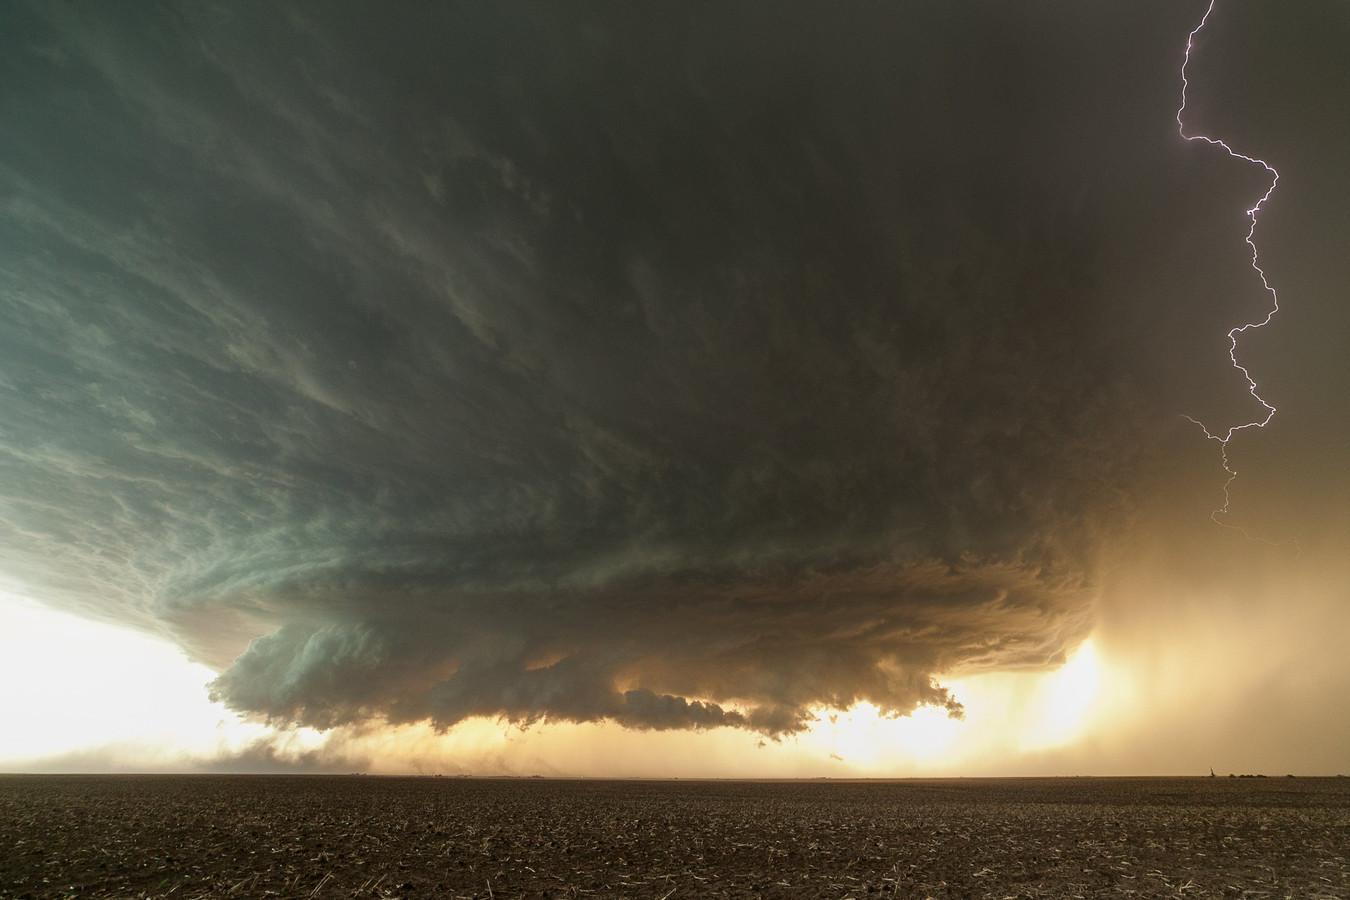 Een supercel onweer.